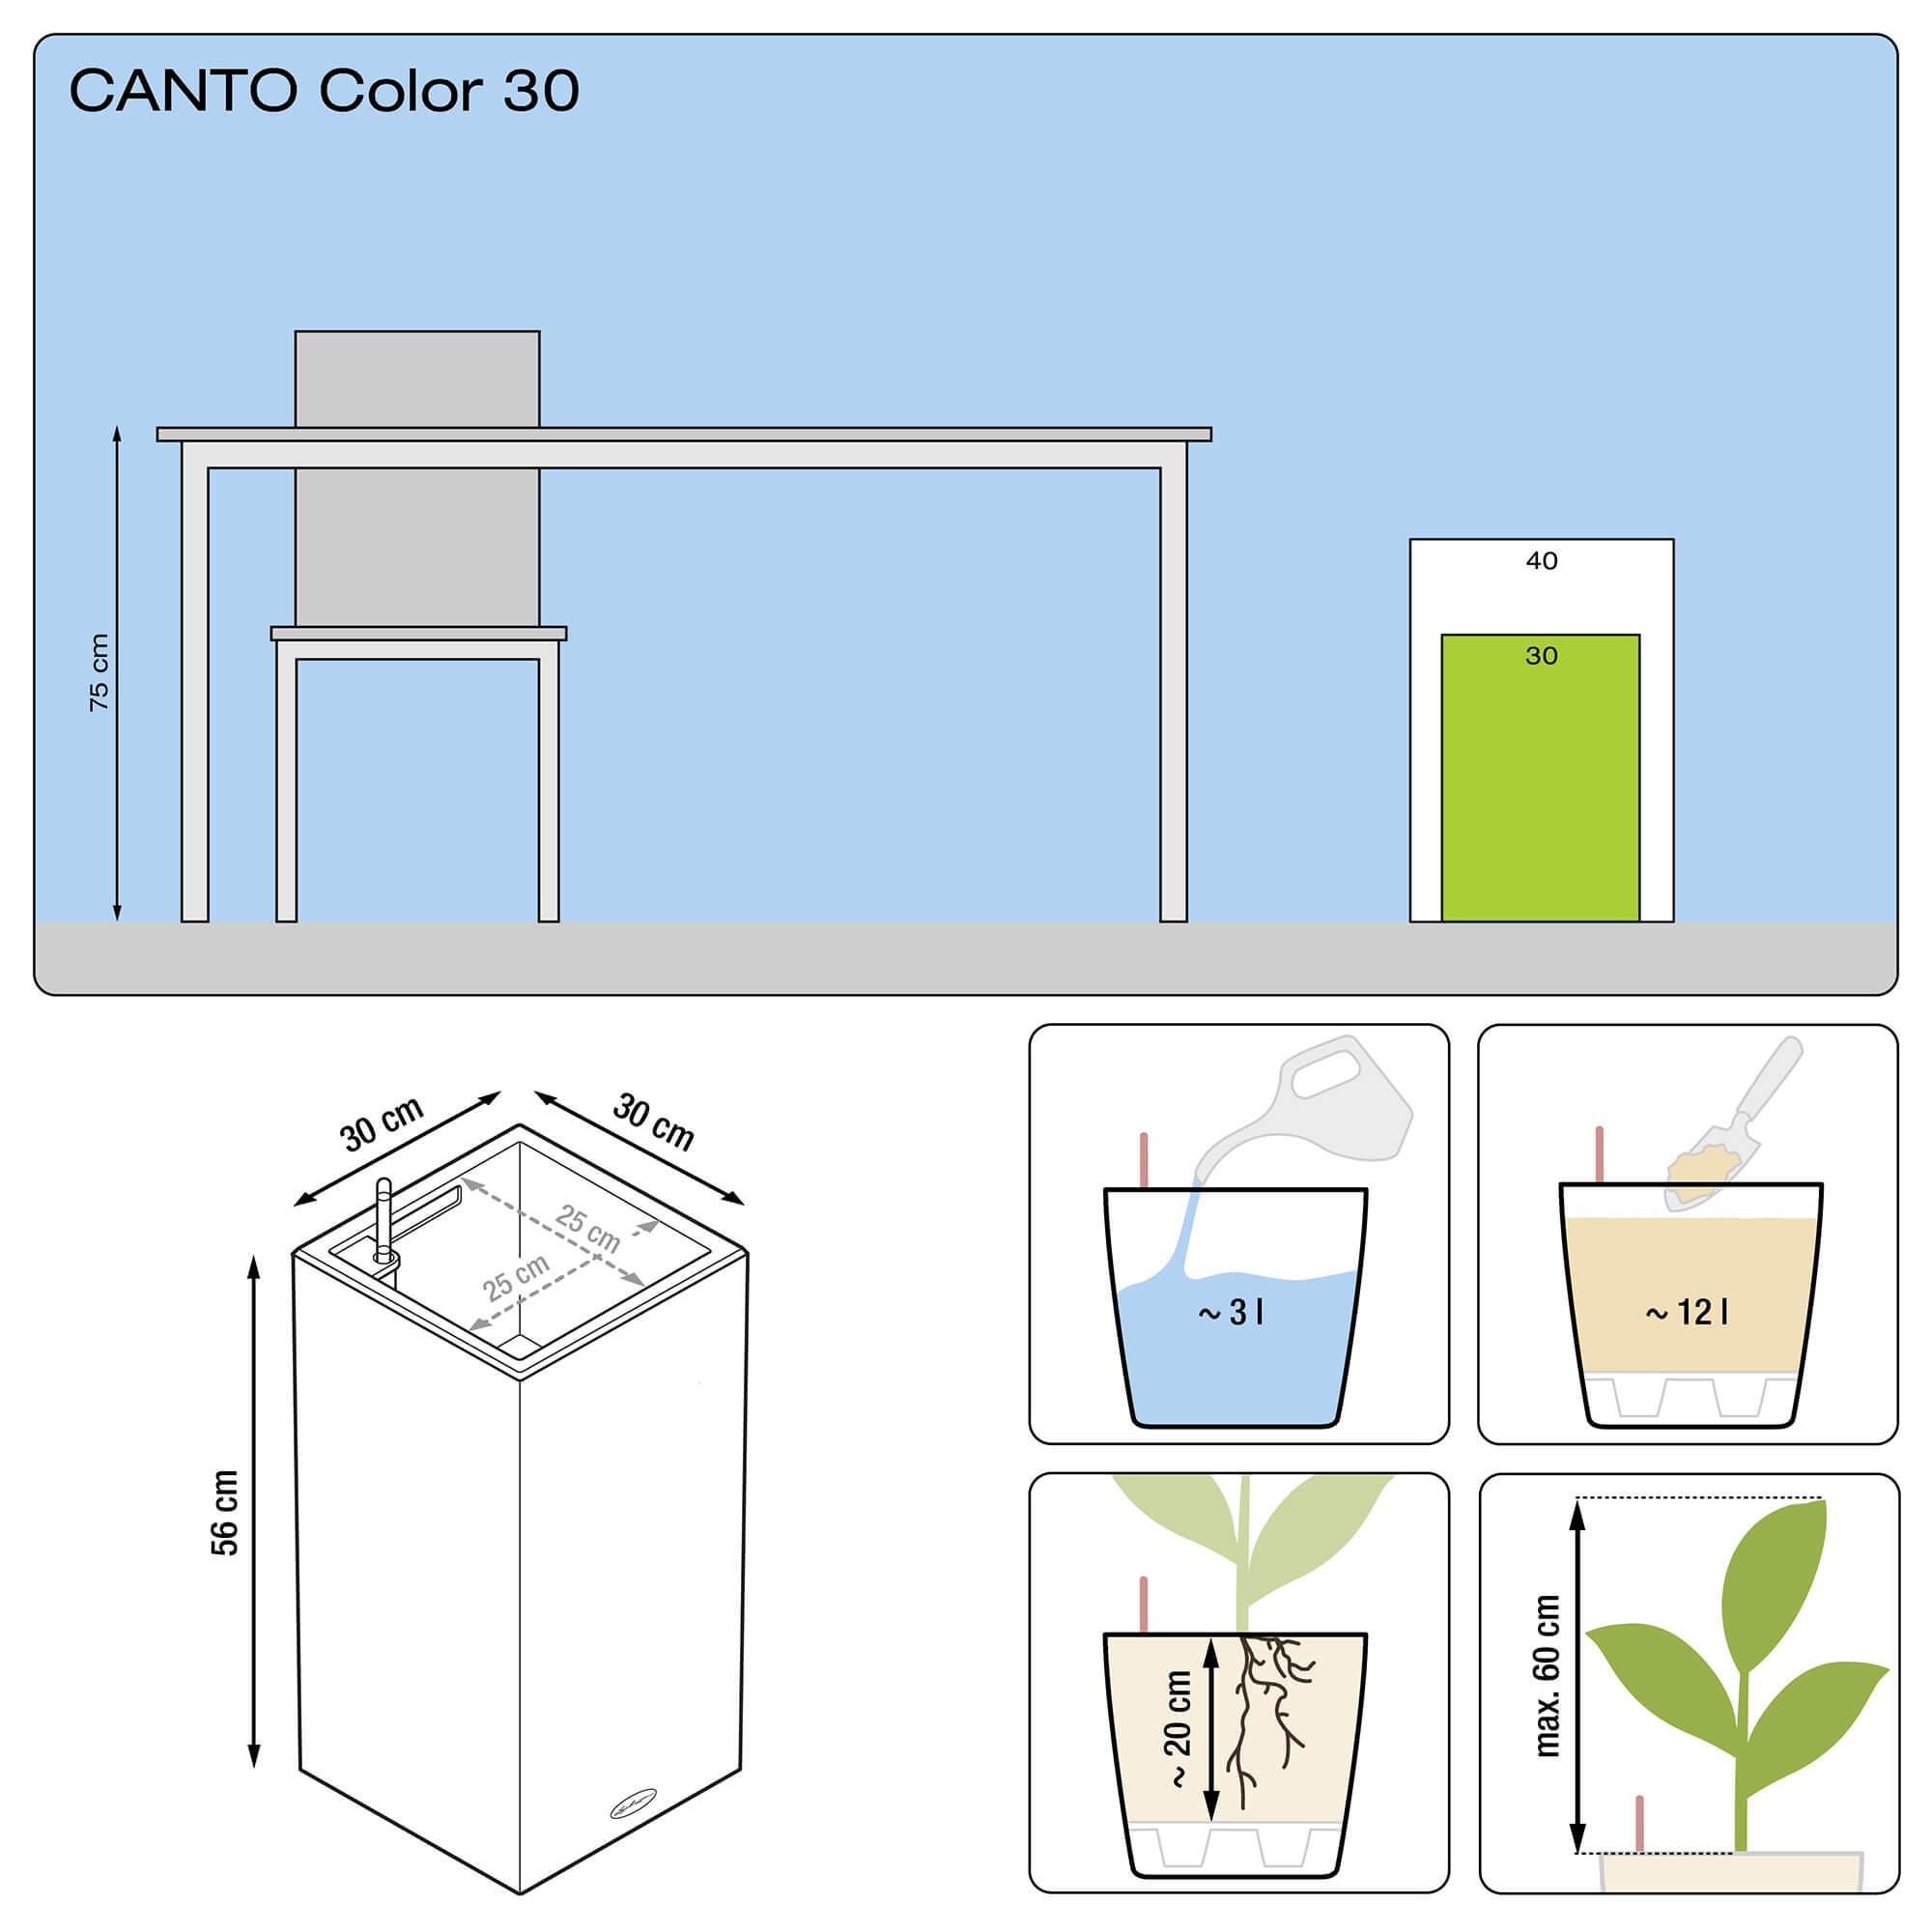 le_canto-color-saeule30_product_addi_nz